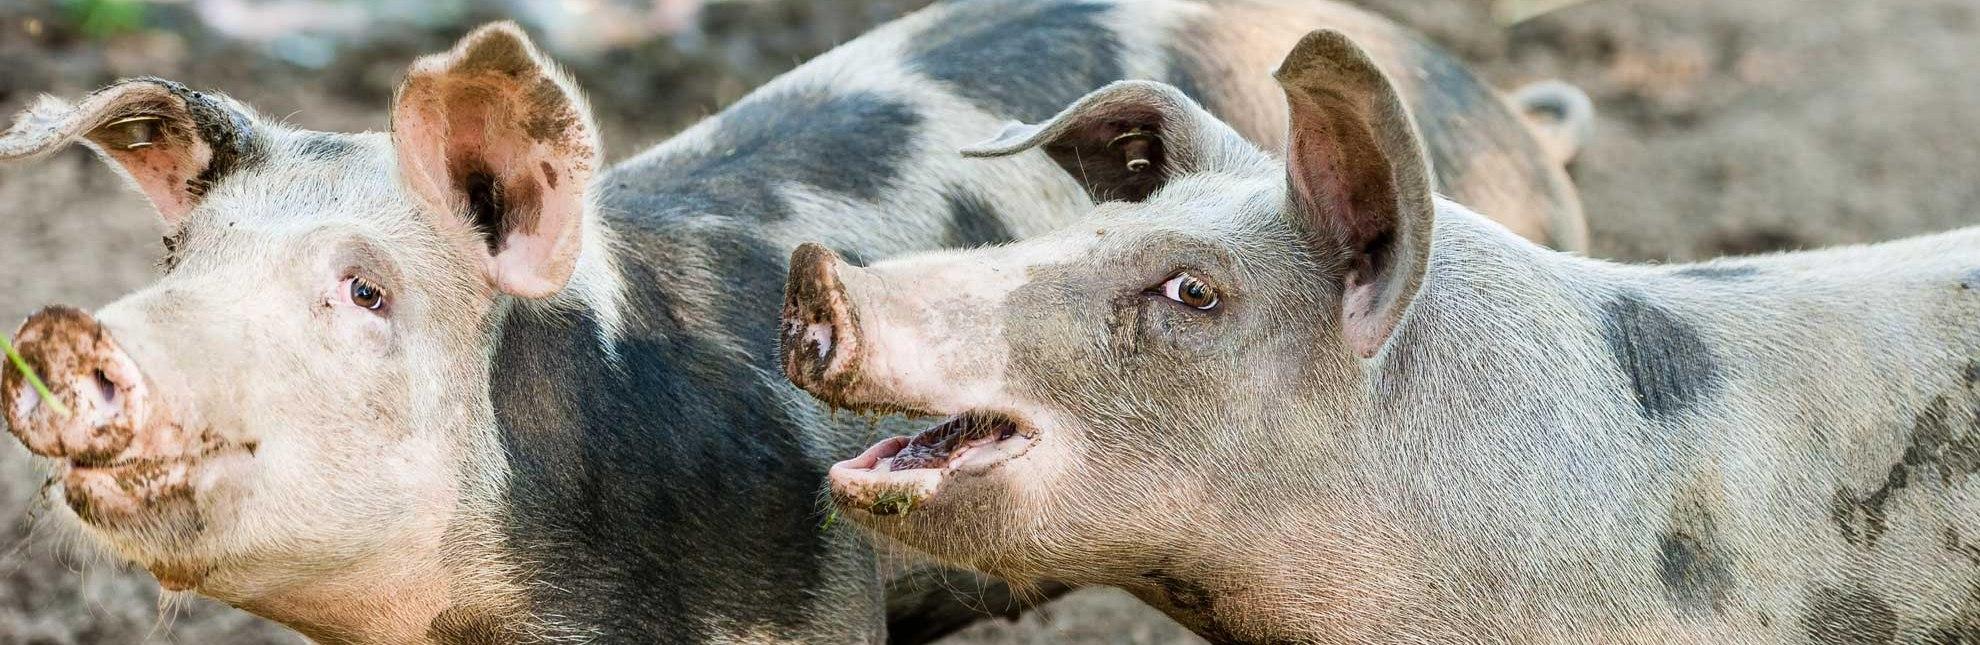 Schweine im Glück, © Nicole Franke/ HLMS